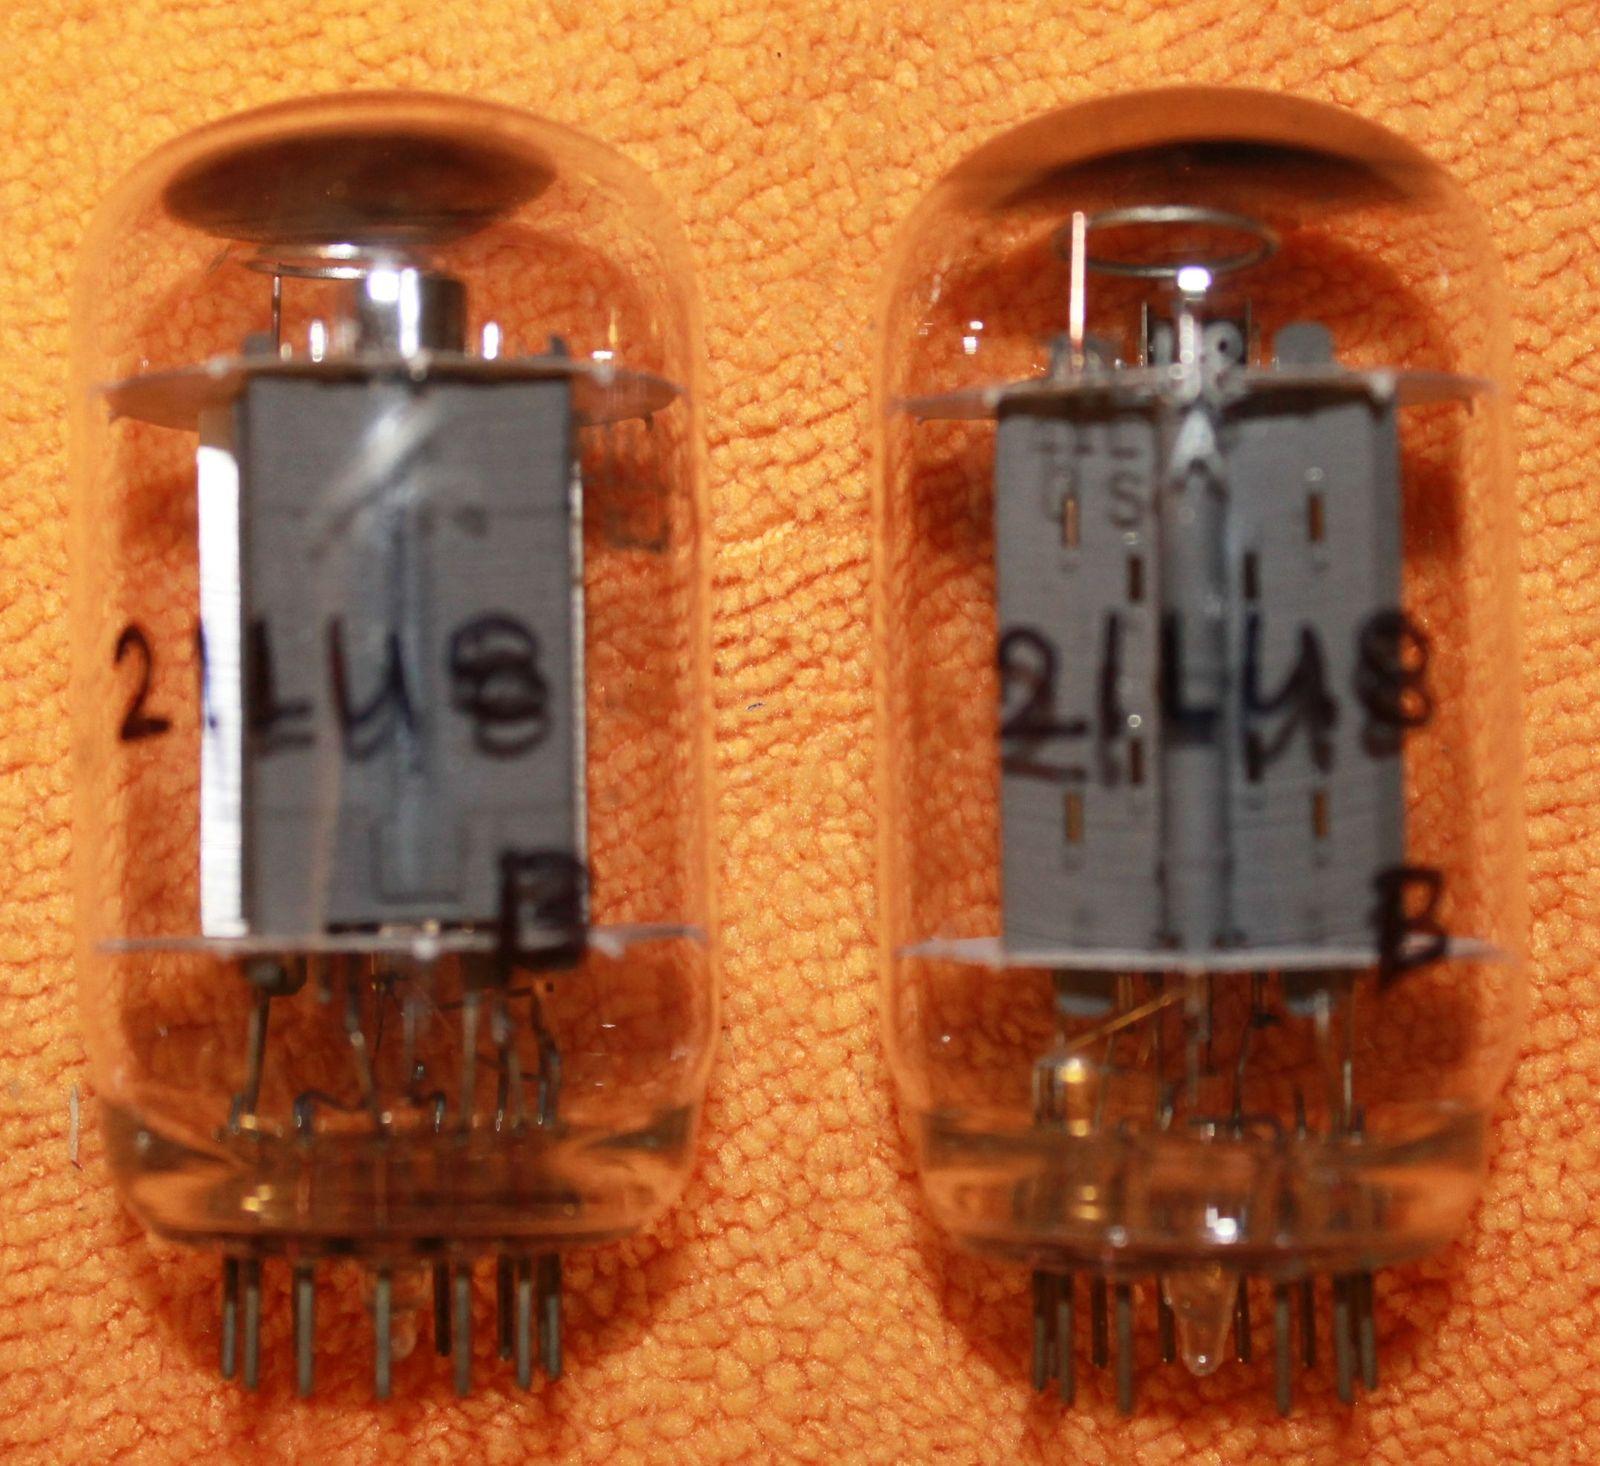 Vintage Radio Vacuum Tube (one): 21LU8 - Tested Good